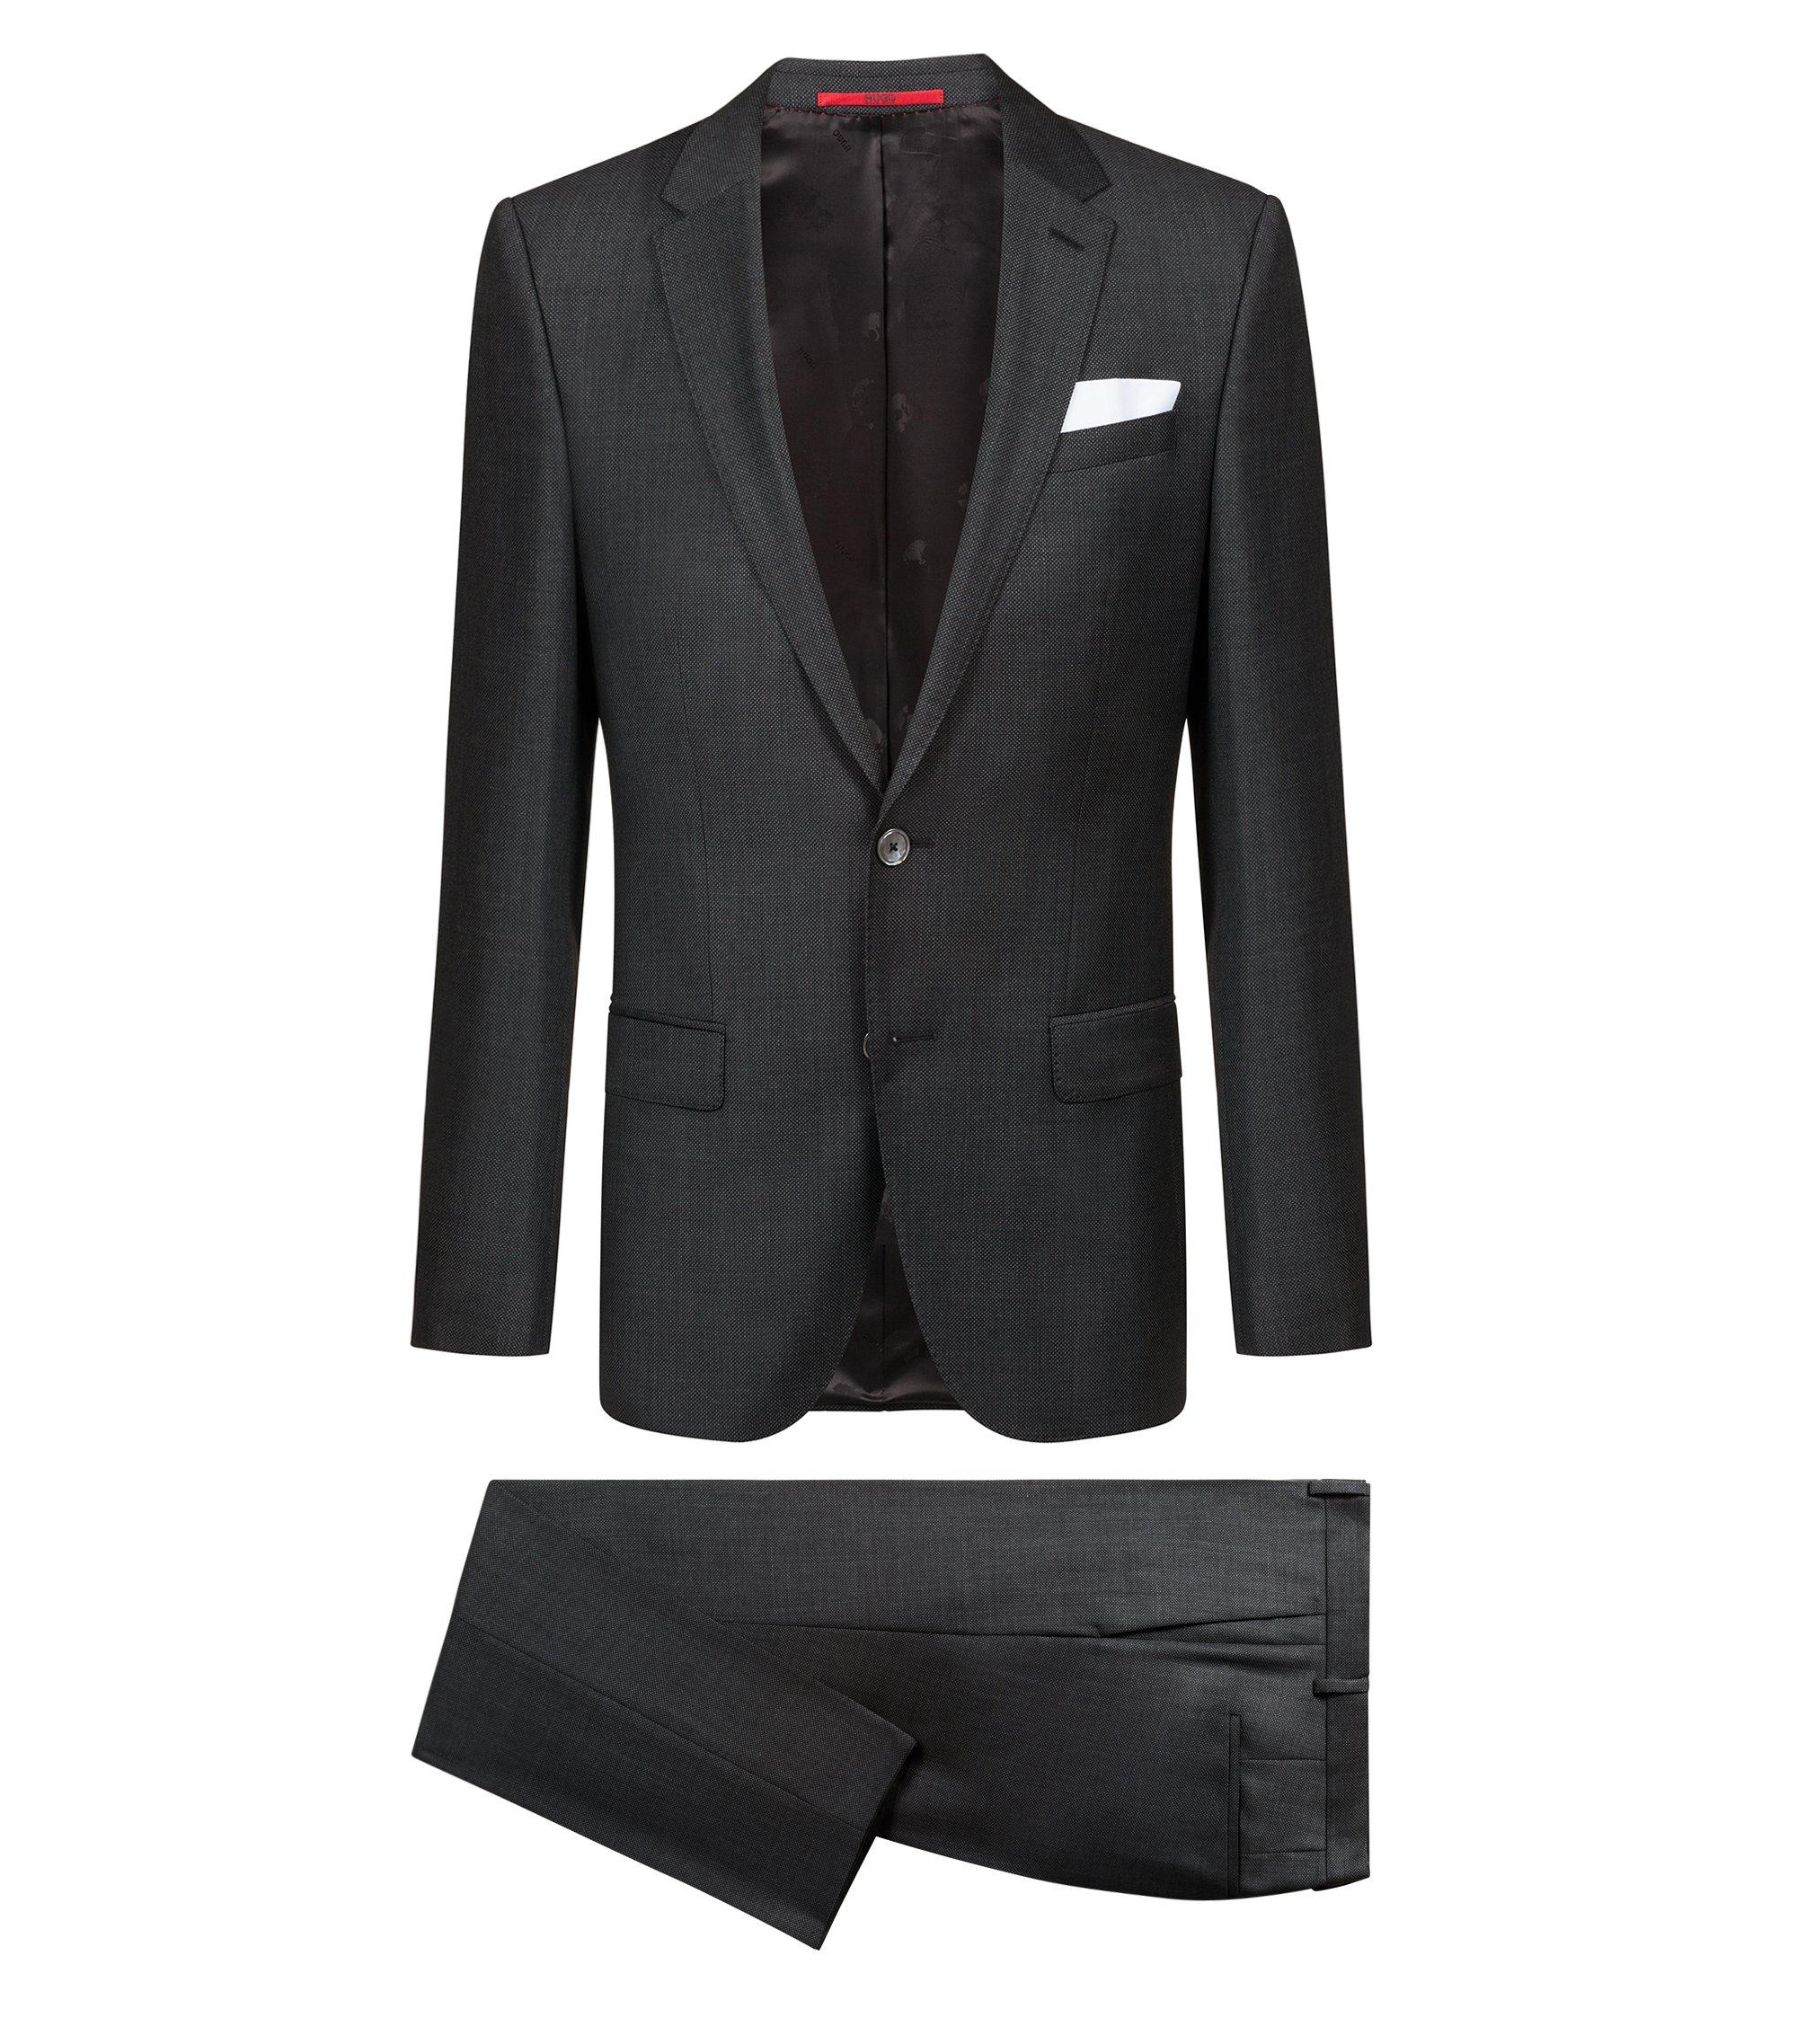 Gemusterter Slim-Fit Anzug aus Schurwoll-Serge, Anthrazit